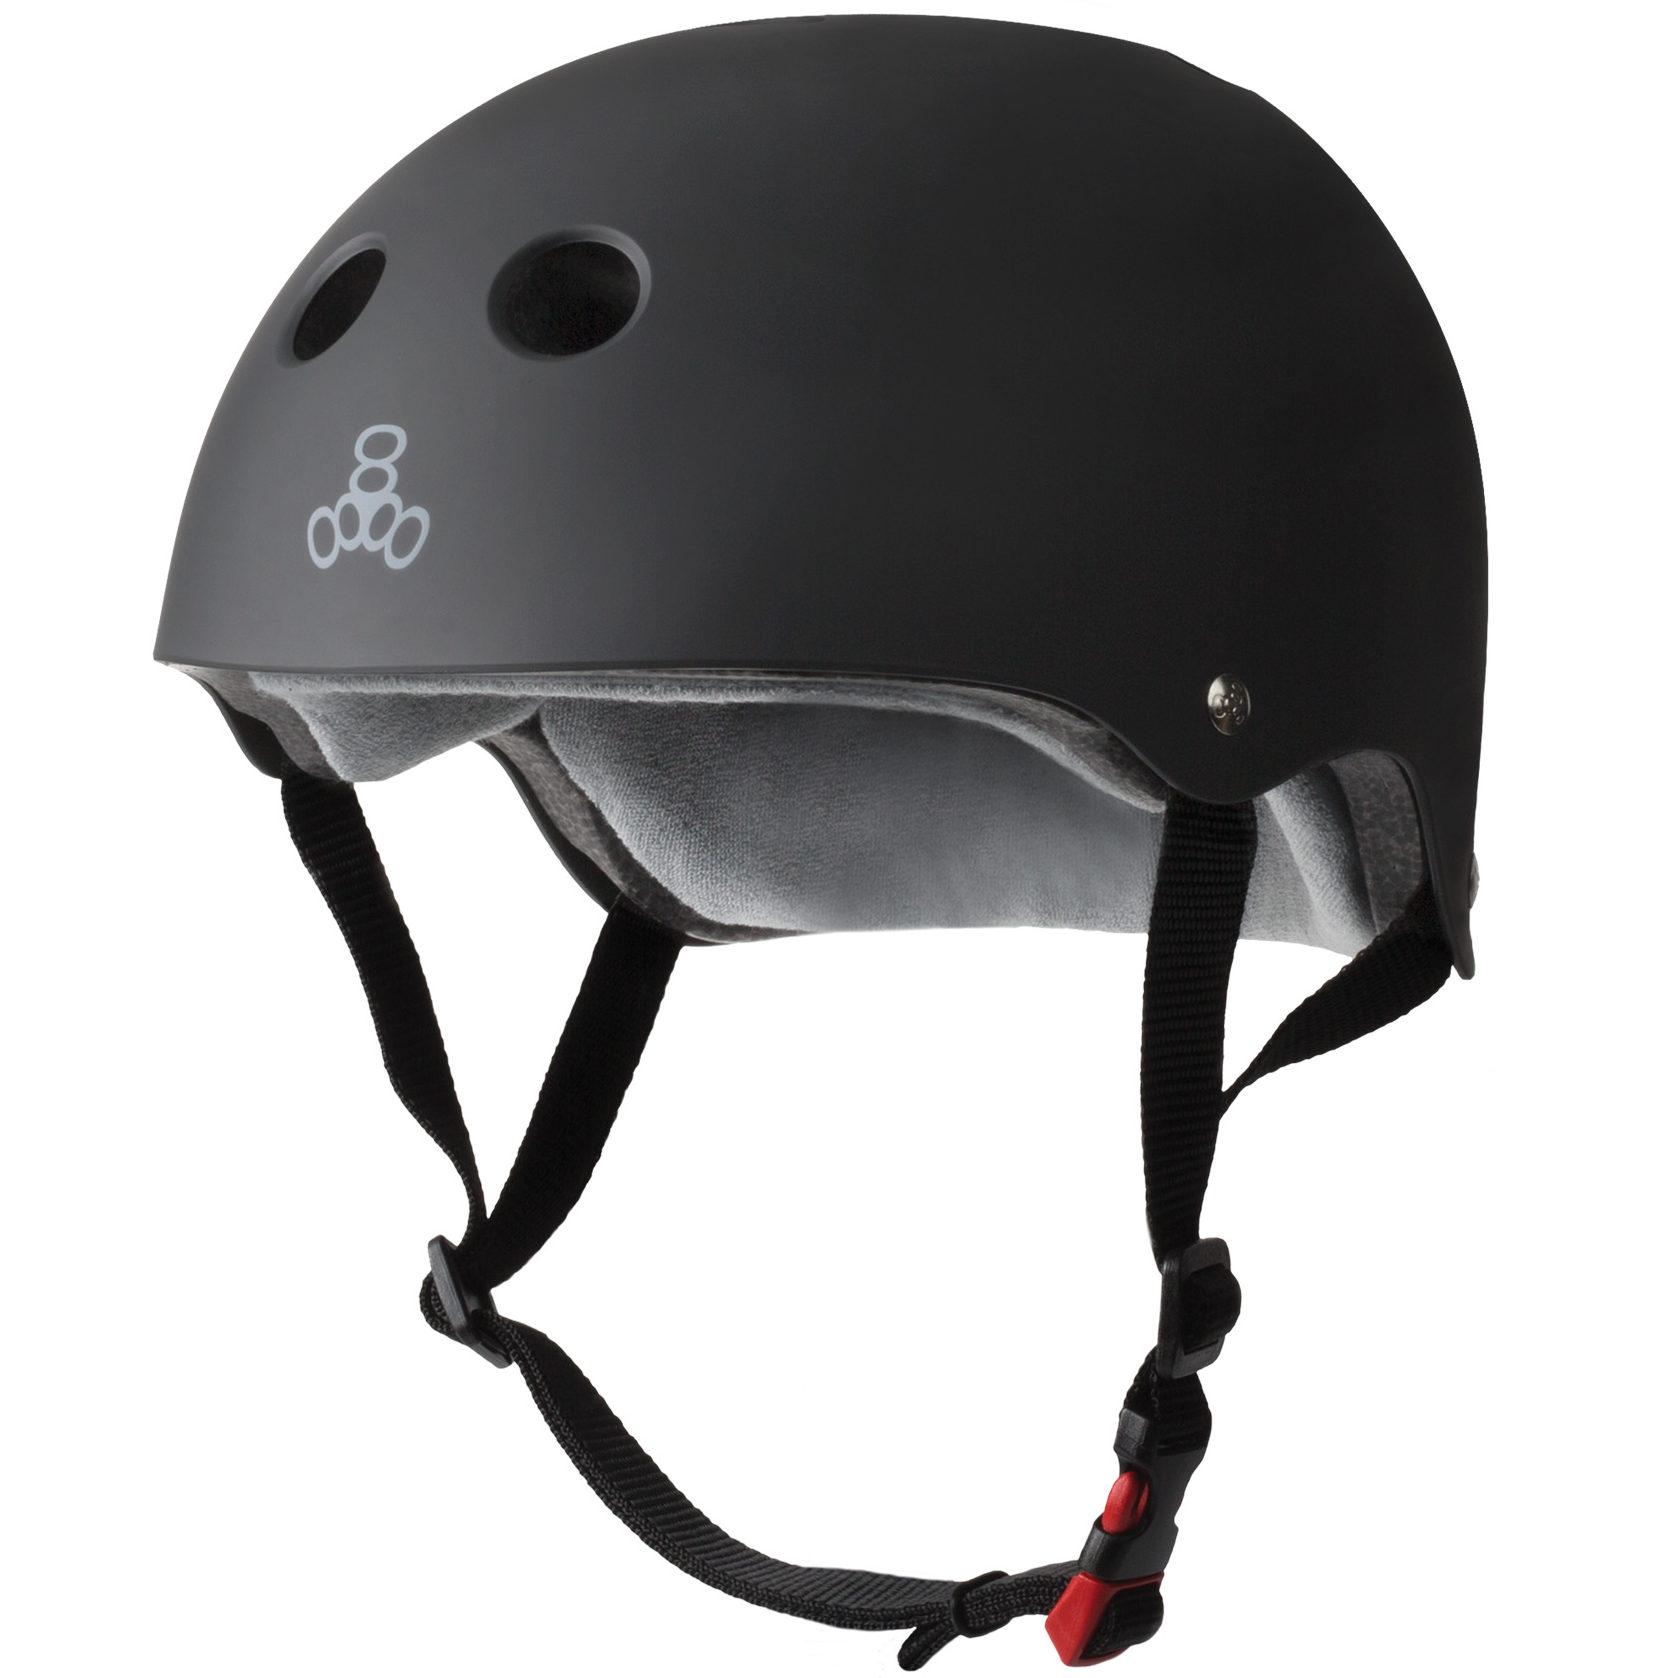 Triple 8 Sweatsaver Certified Black Rubber Helmet XS/S